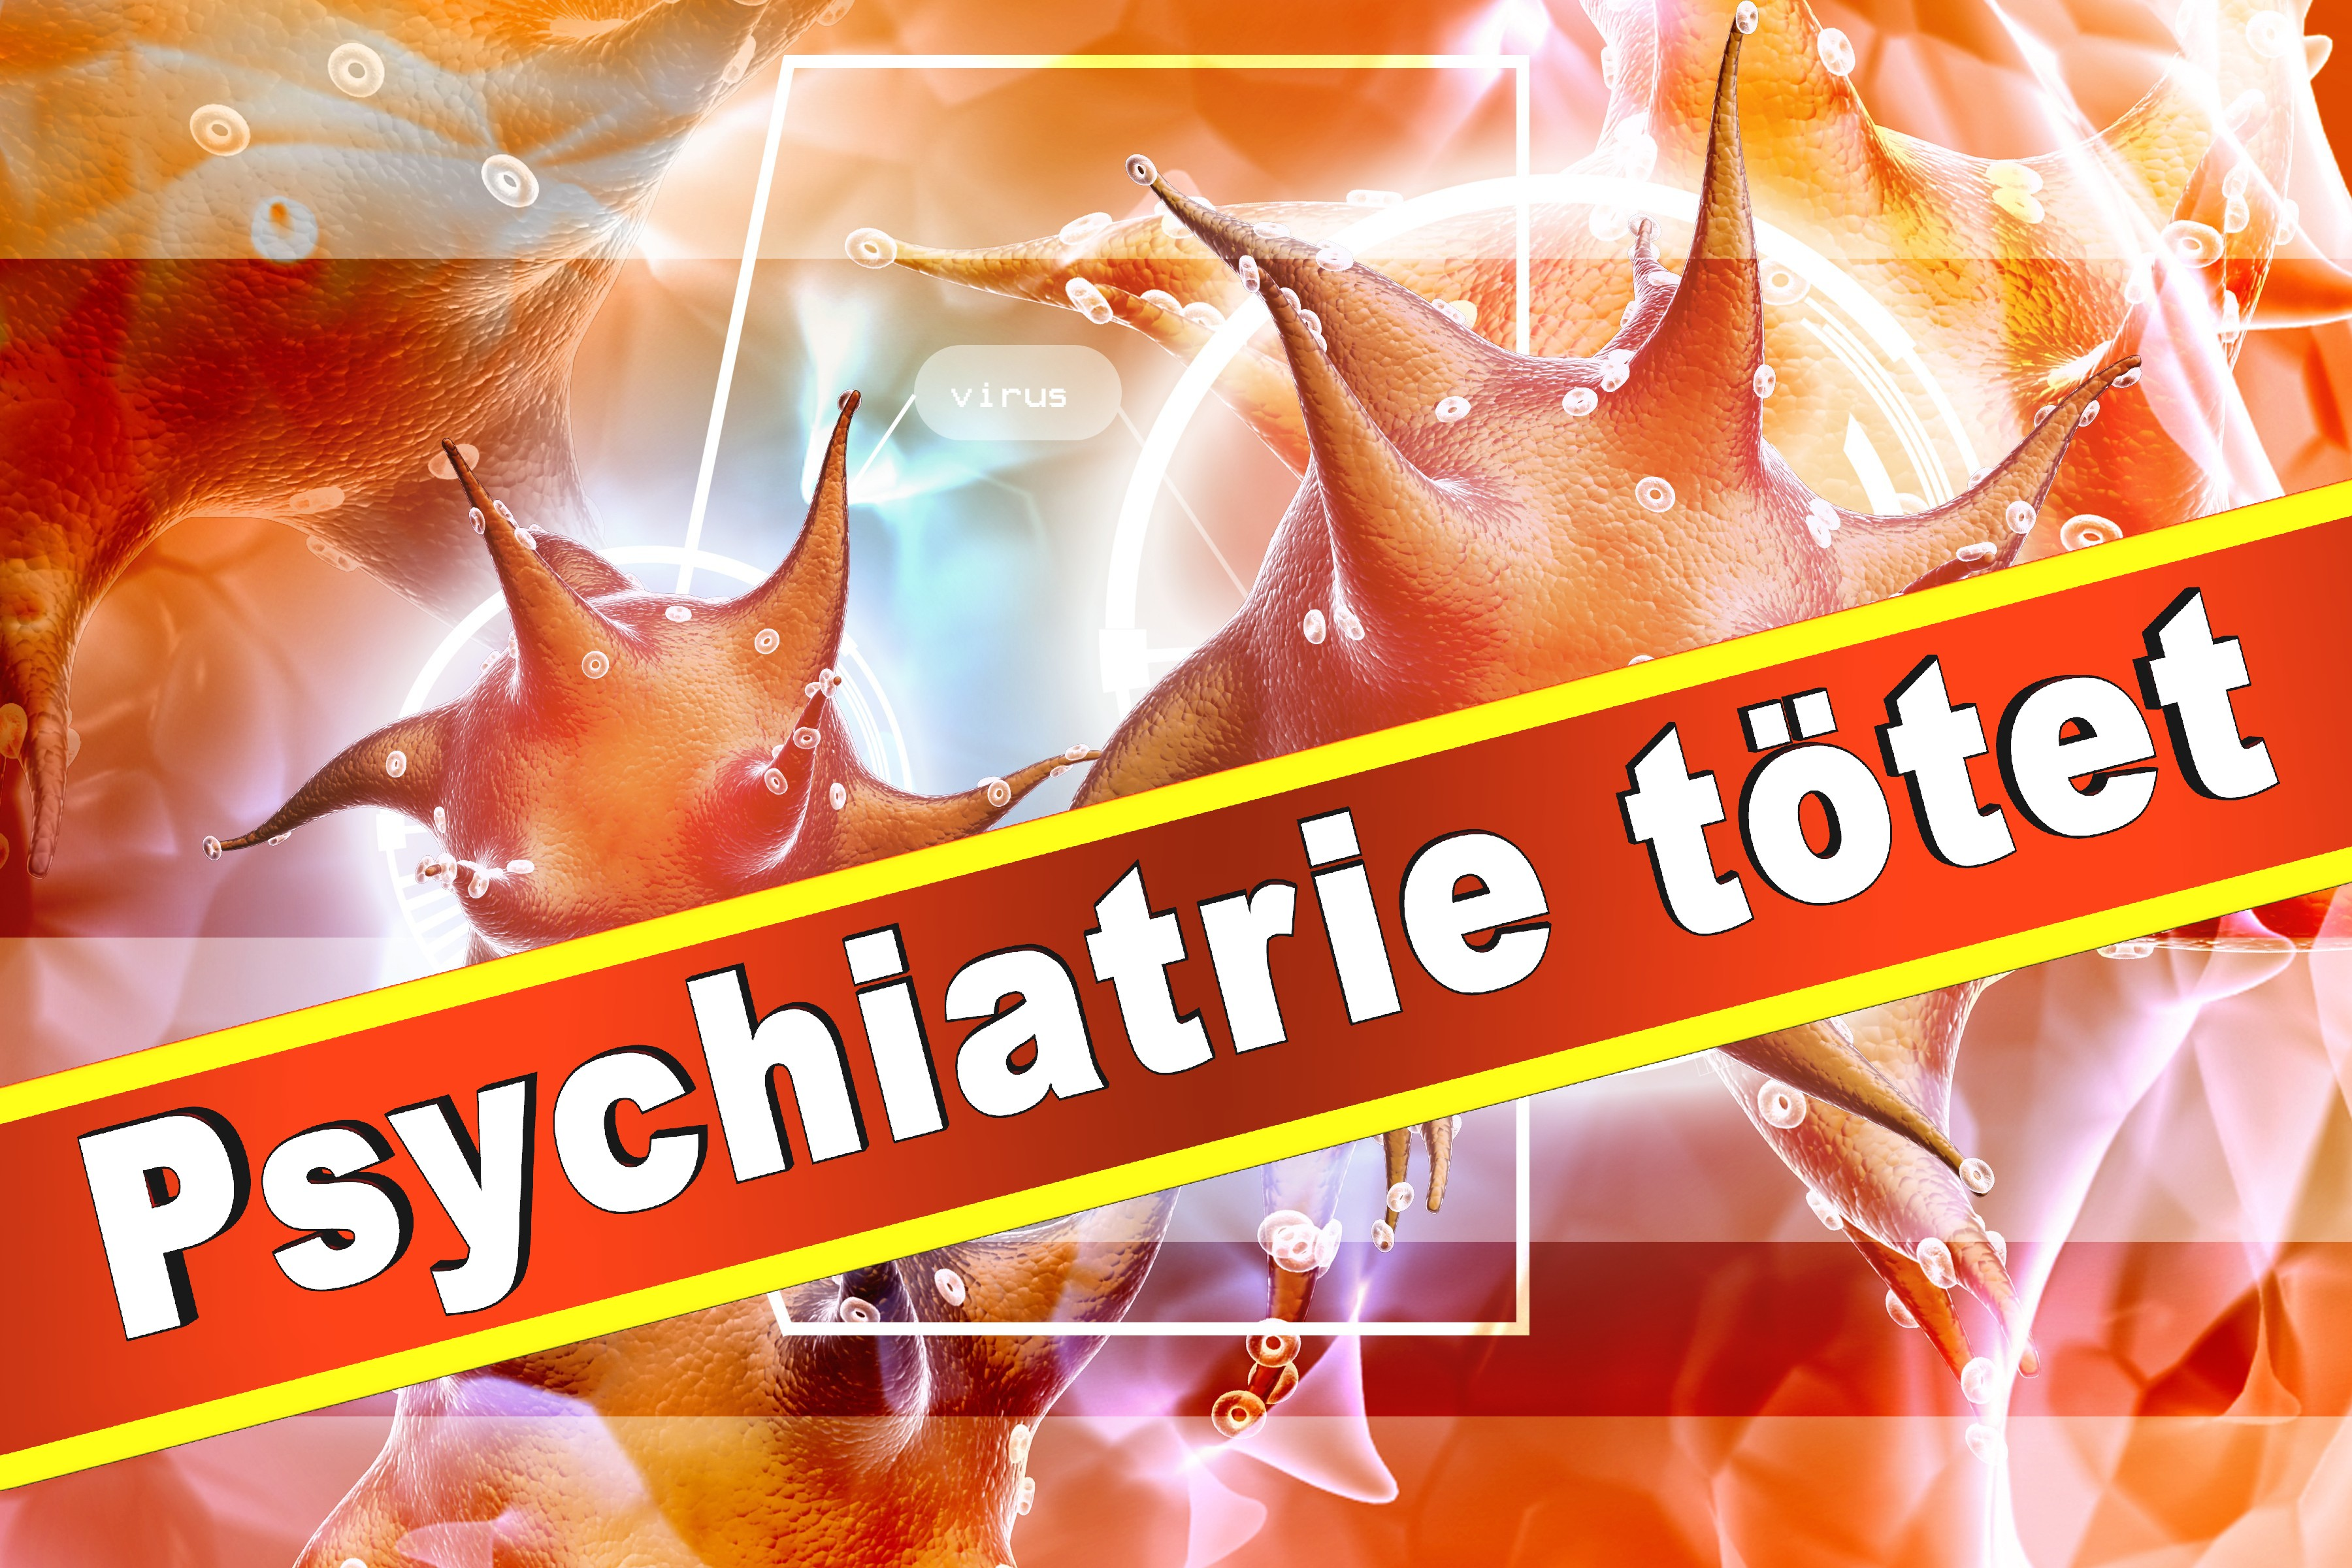 Wielant Machleidt Psychiater Psychotherapeut Professor Praxis Der Interkulturellen Psychiatrie Und Psychotherapie (24)